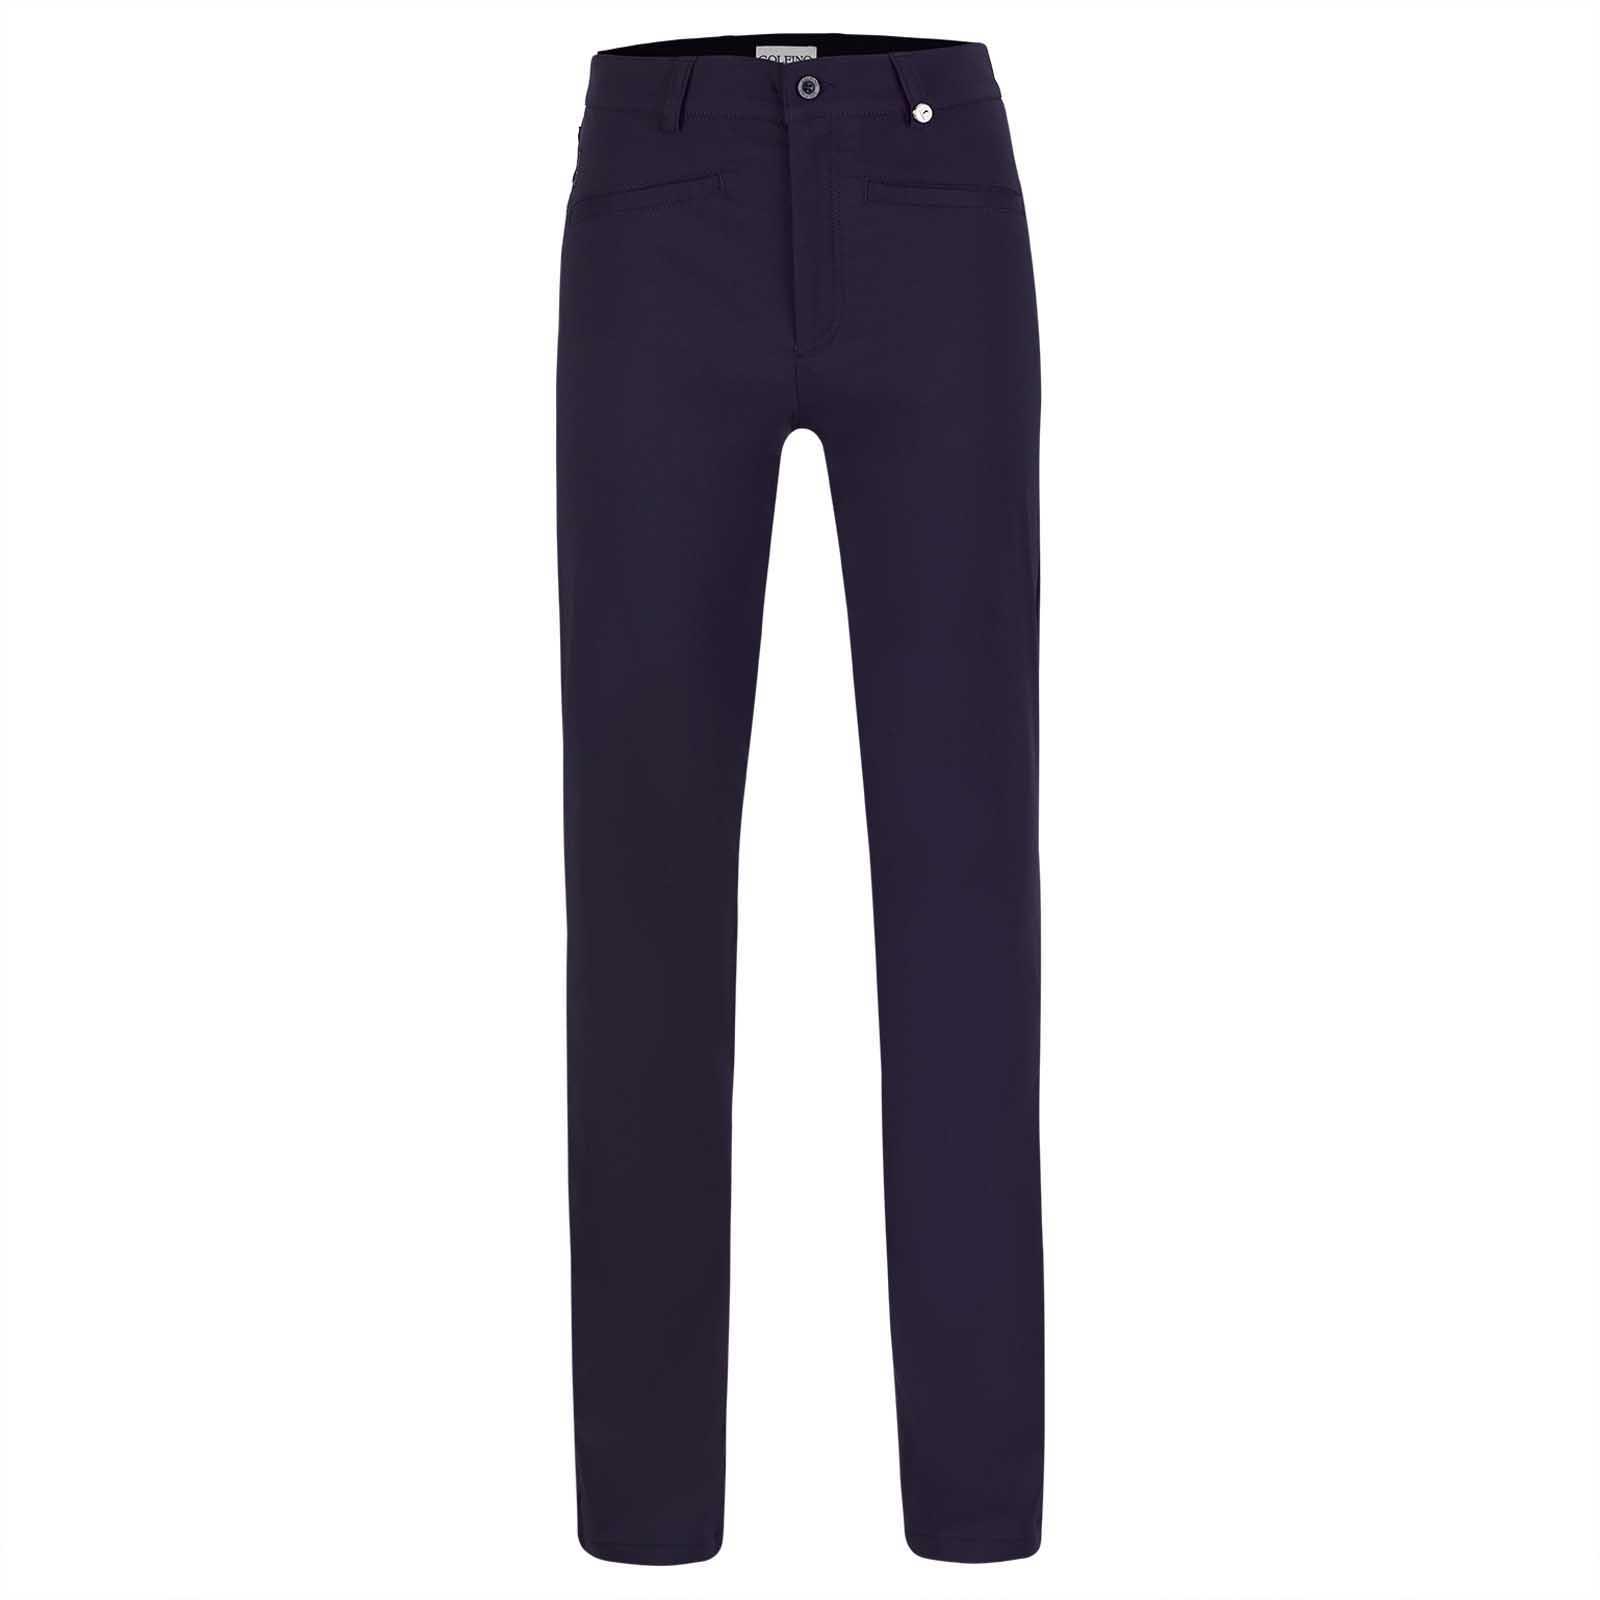 Pantalón de golf largo Techno-Stretch de GOLFINO de un exclusivo material funcional